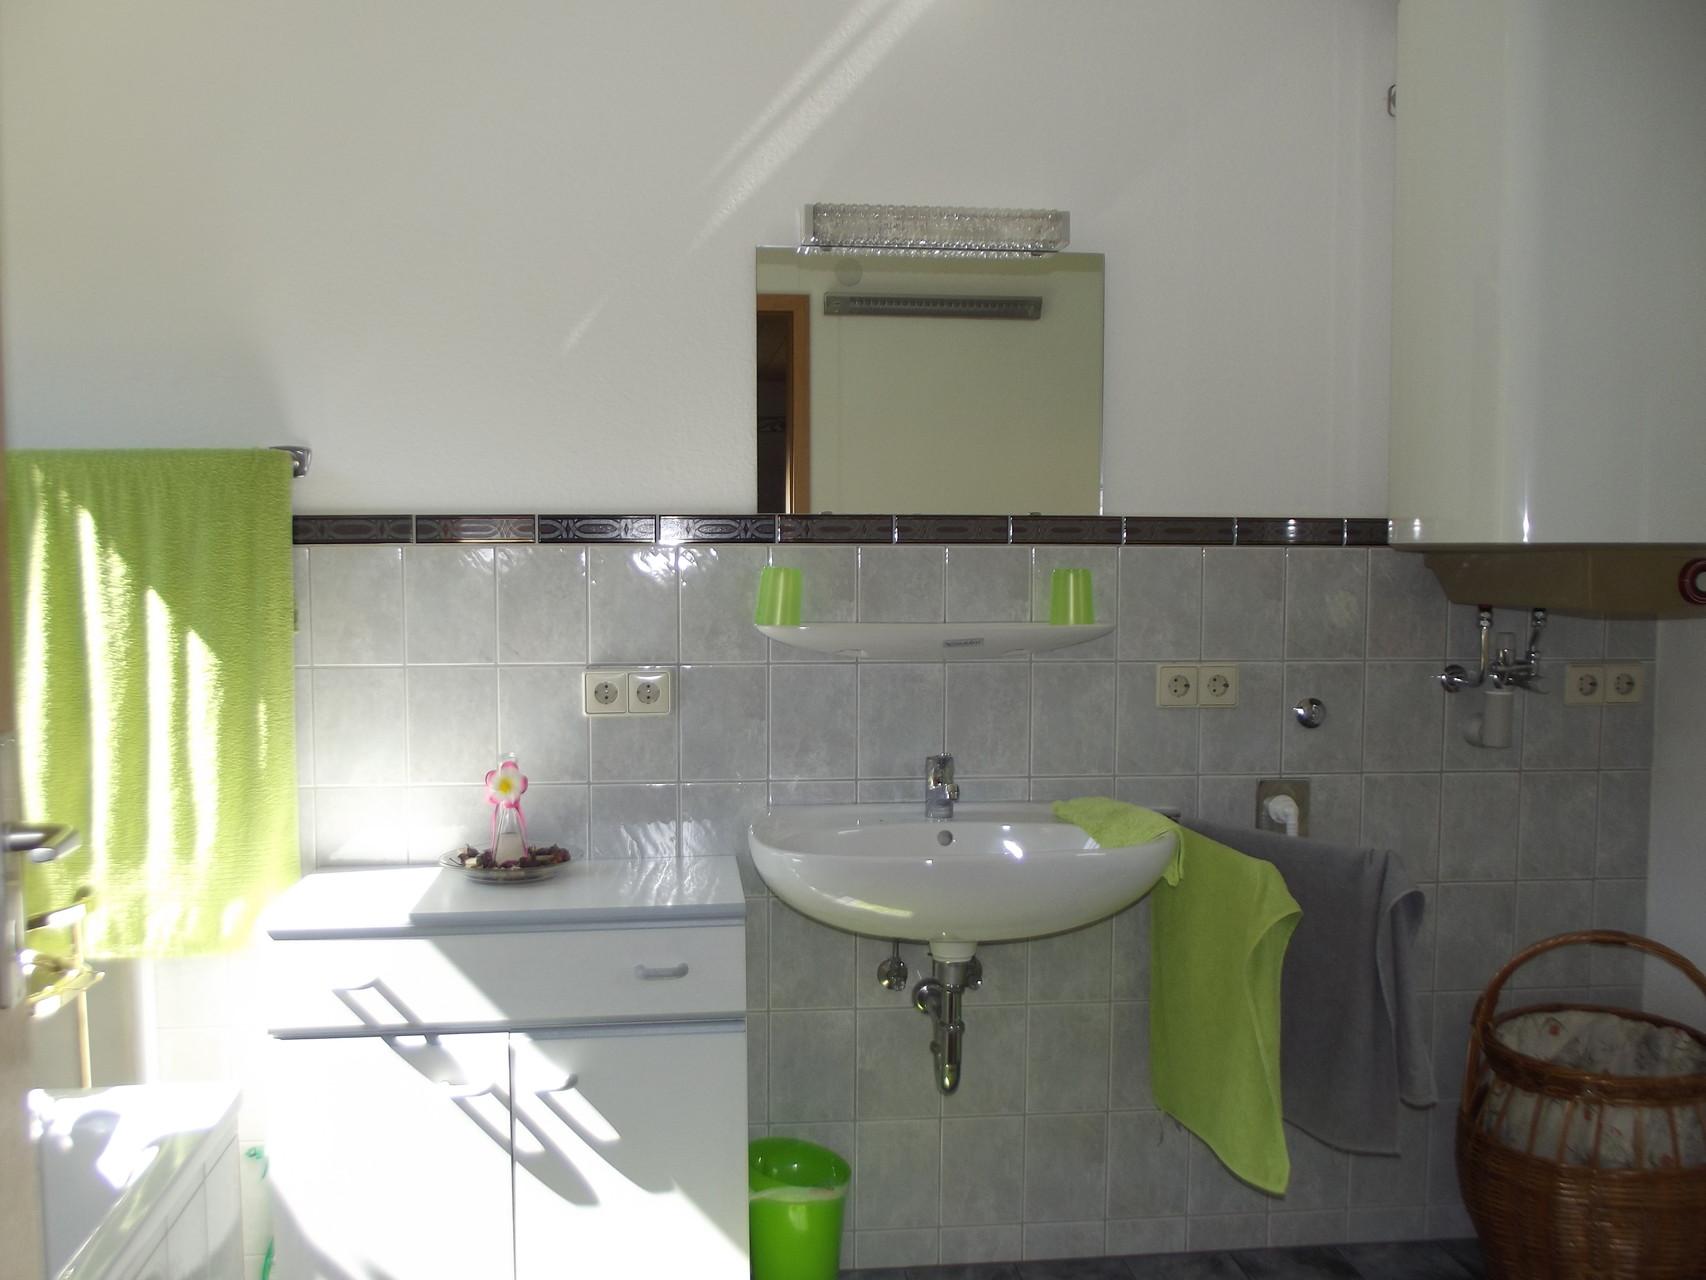 Dachwohnung: Bad/Waschplatz